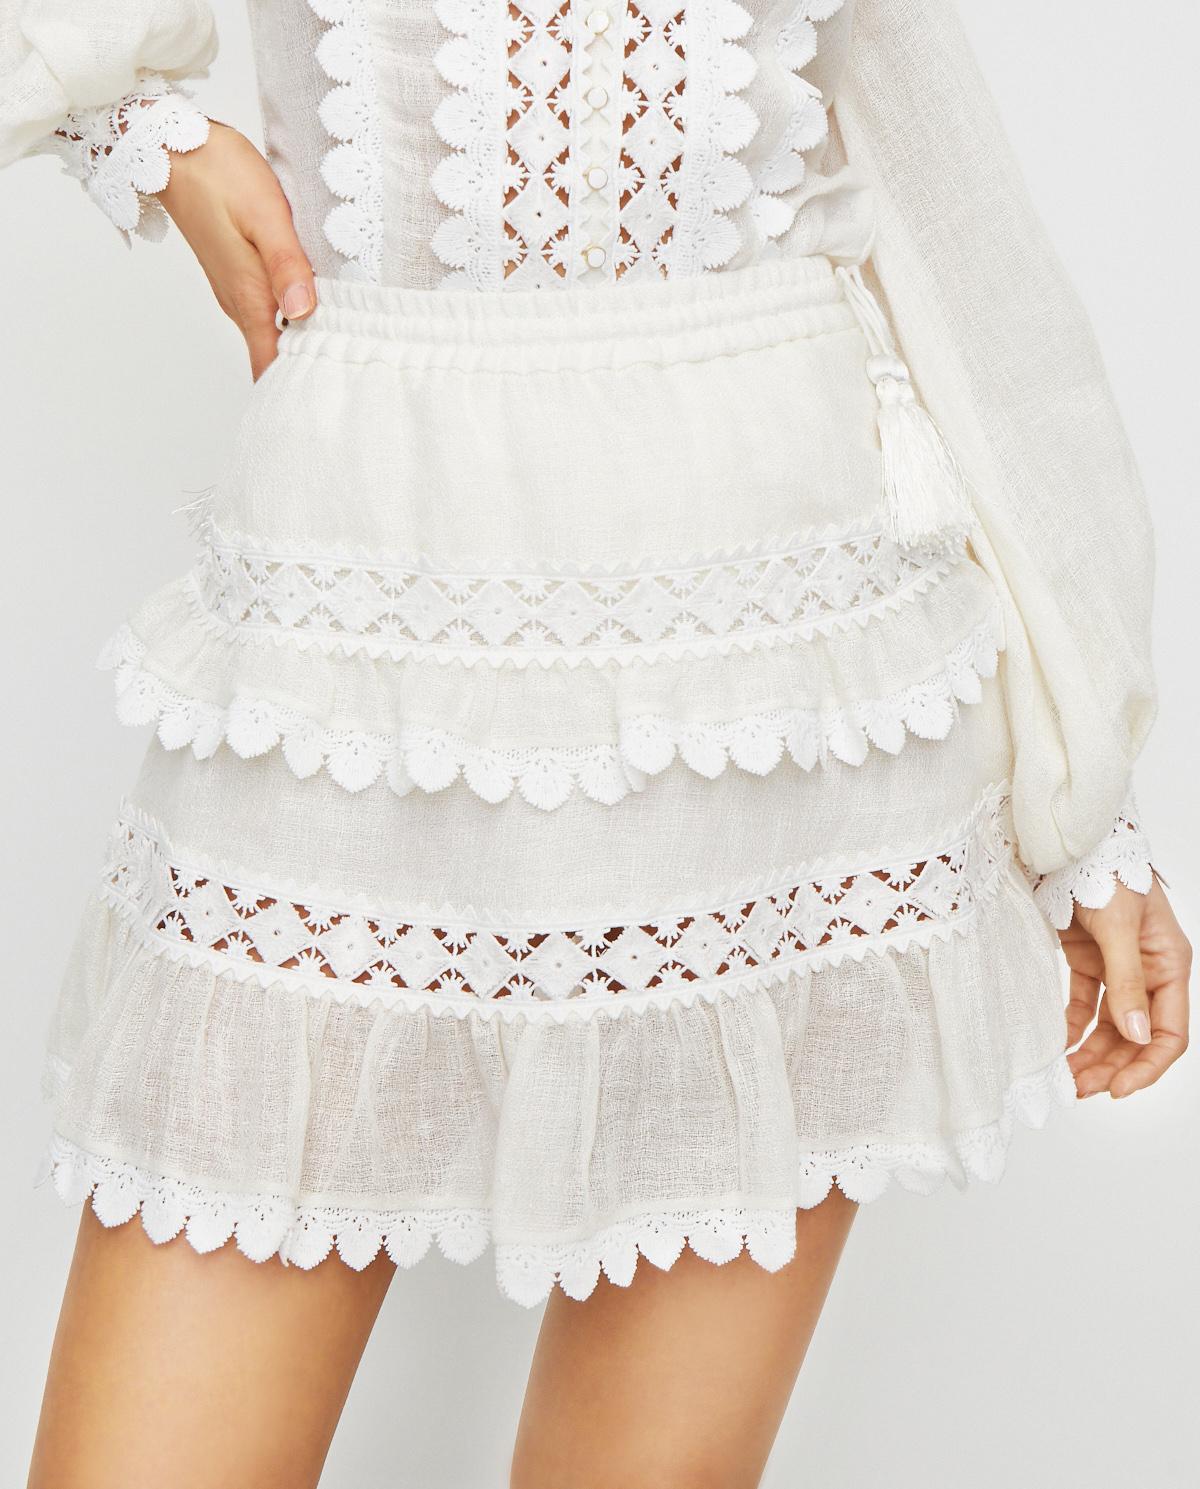 Damska biała spódnica Utopia Ixiah 92-60133 WHITE